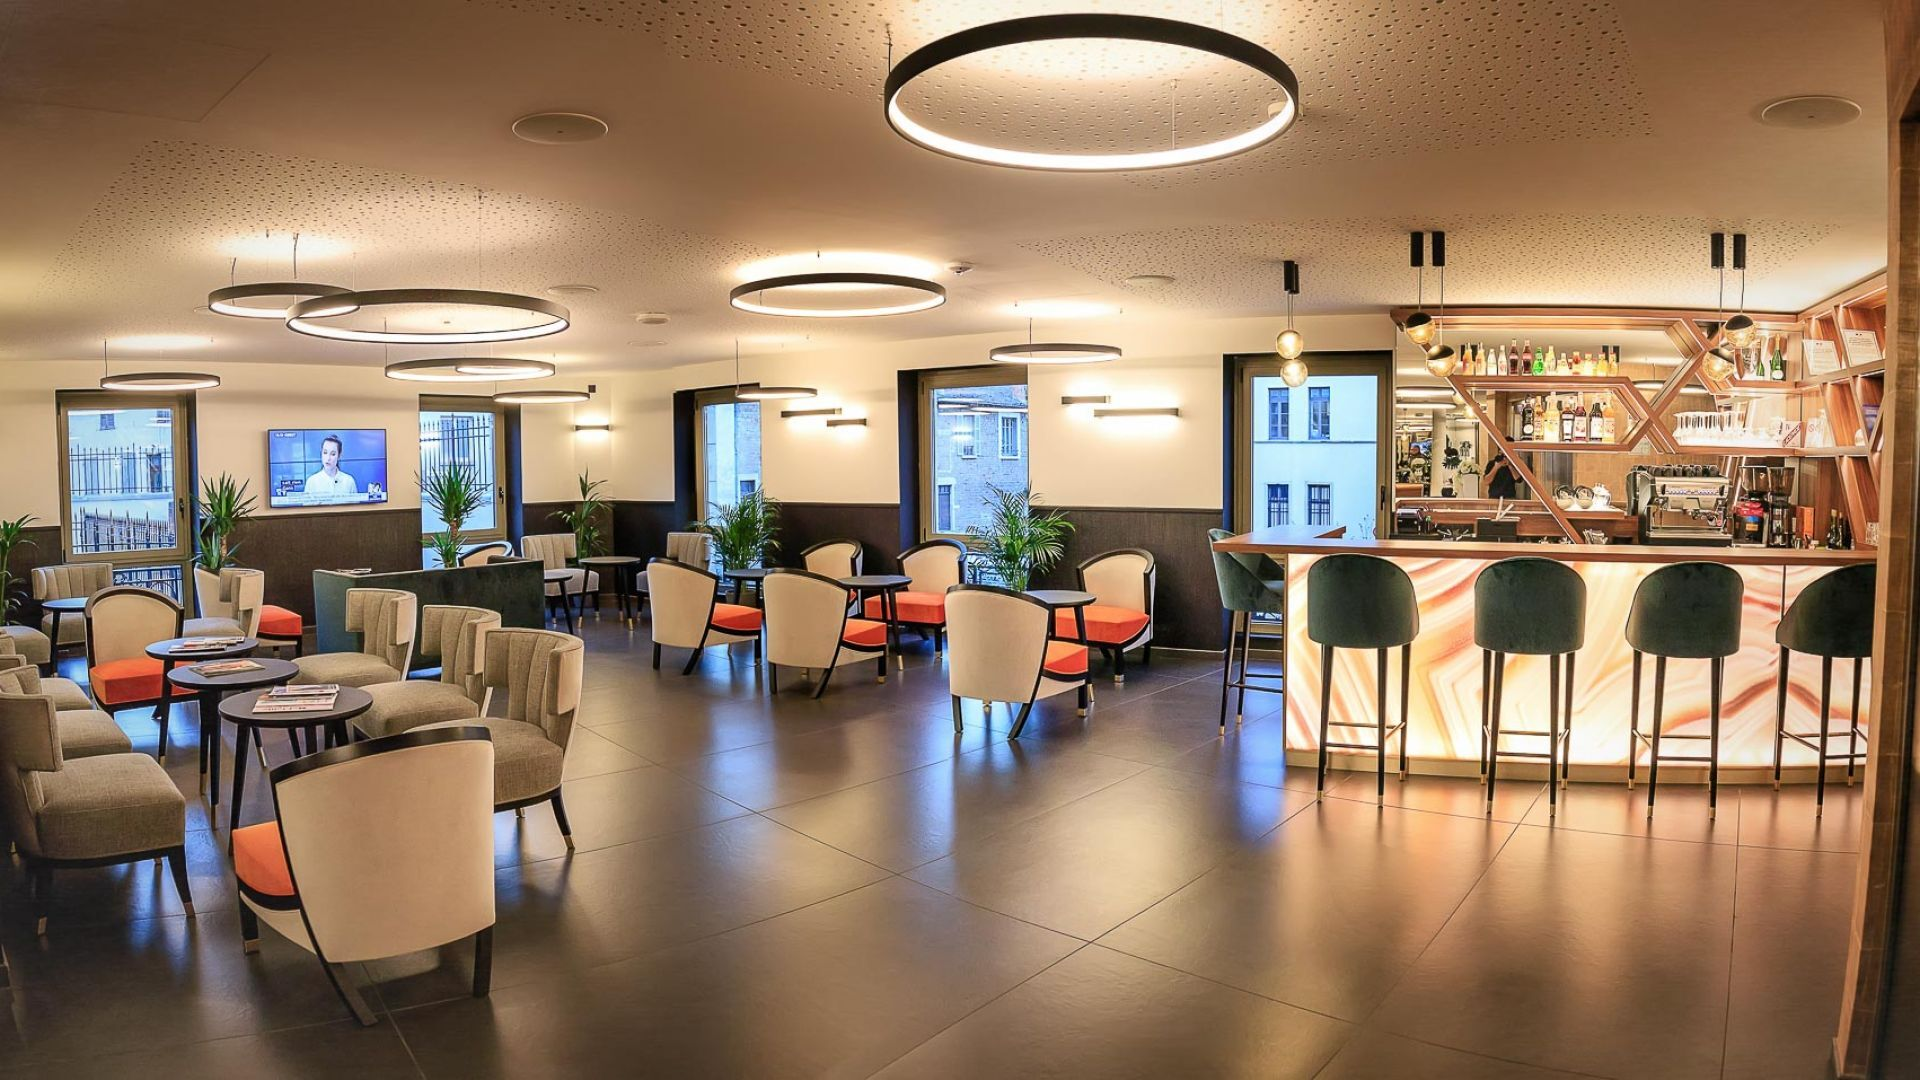 360-panorama-skybar-tgv-macon-bourgogne-beaujolais-lyon-lobby